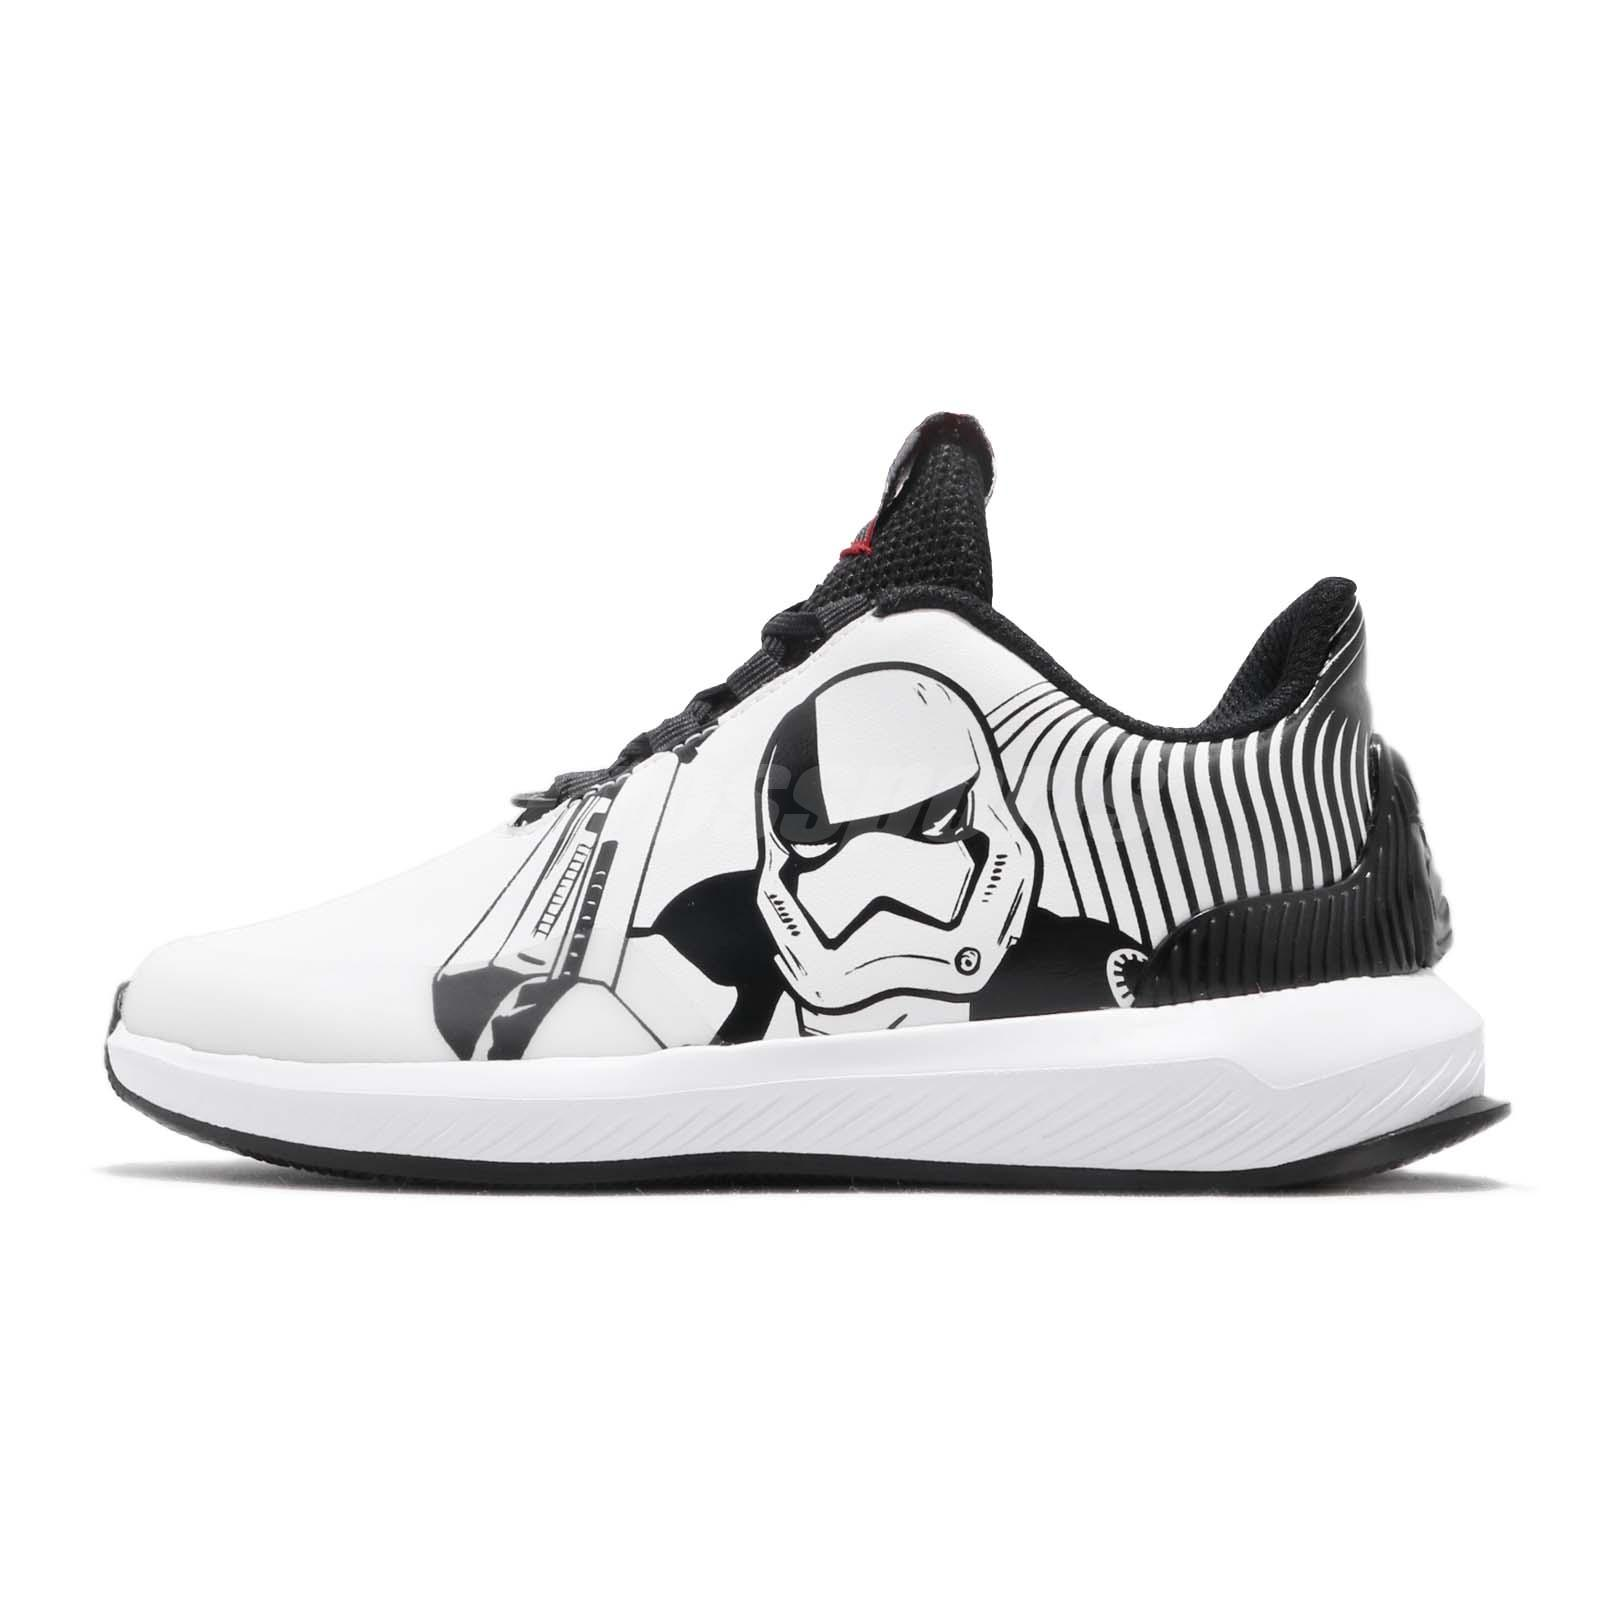 61b9431af adidas RapidaRun Star Wars K Black White Scarlet Kid Preschool Shoes AH2466